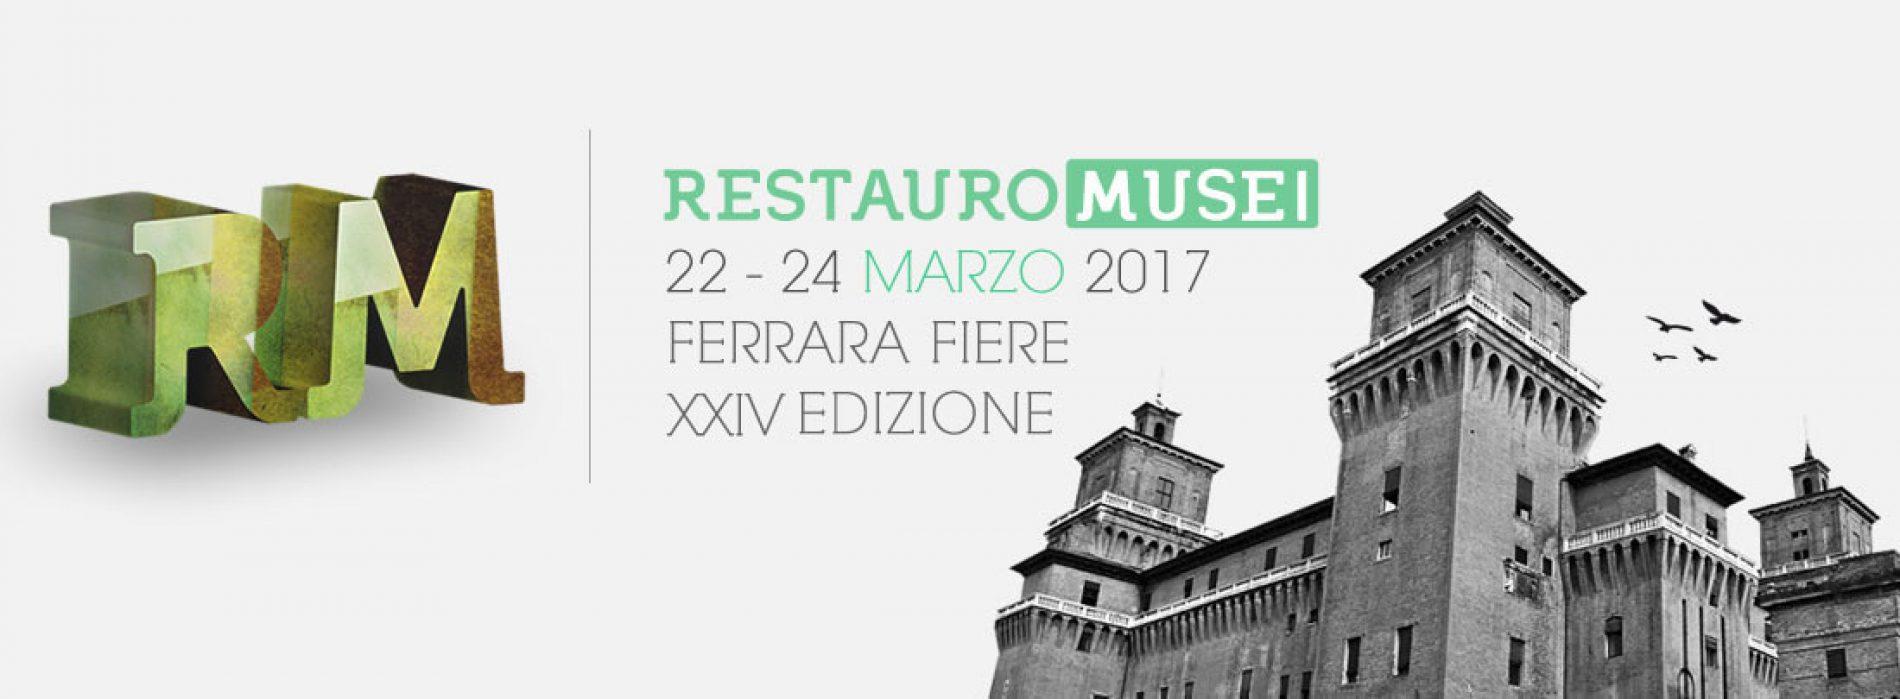 Salone del Restauro Musei di Ferrara